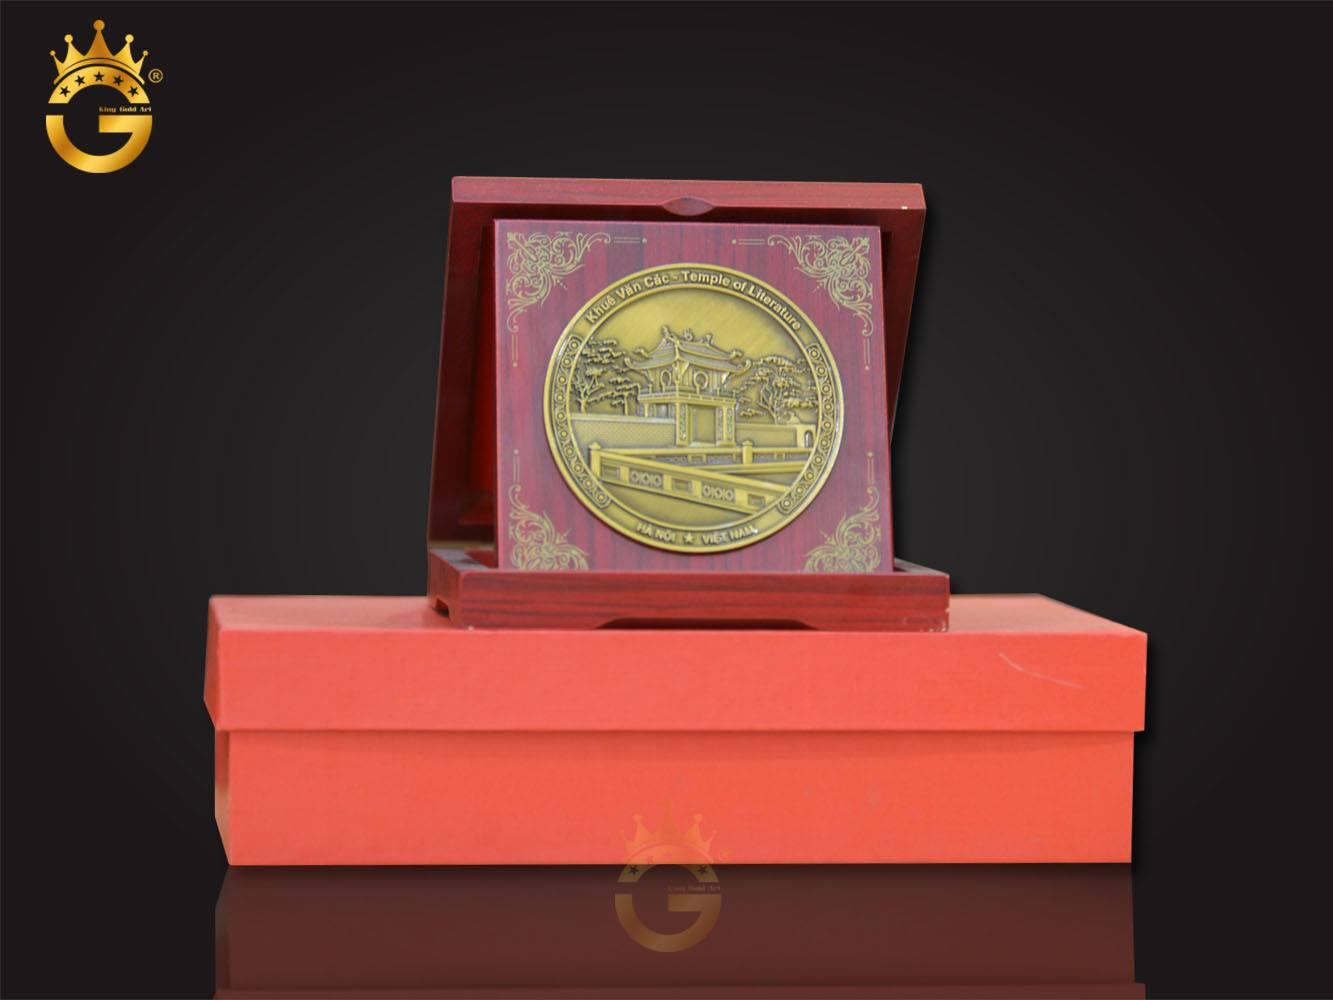 Biểu trưng gỗ đồng làm quà tặng đại hội, quà tặng sự kiện, quà tặng lưu niệm